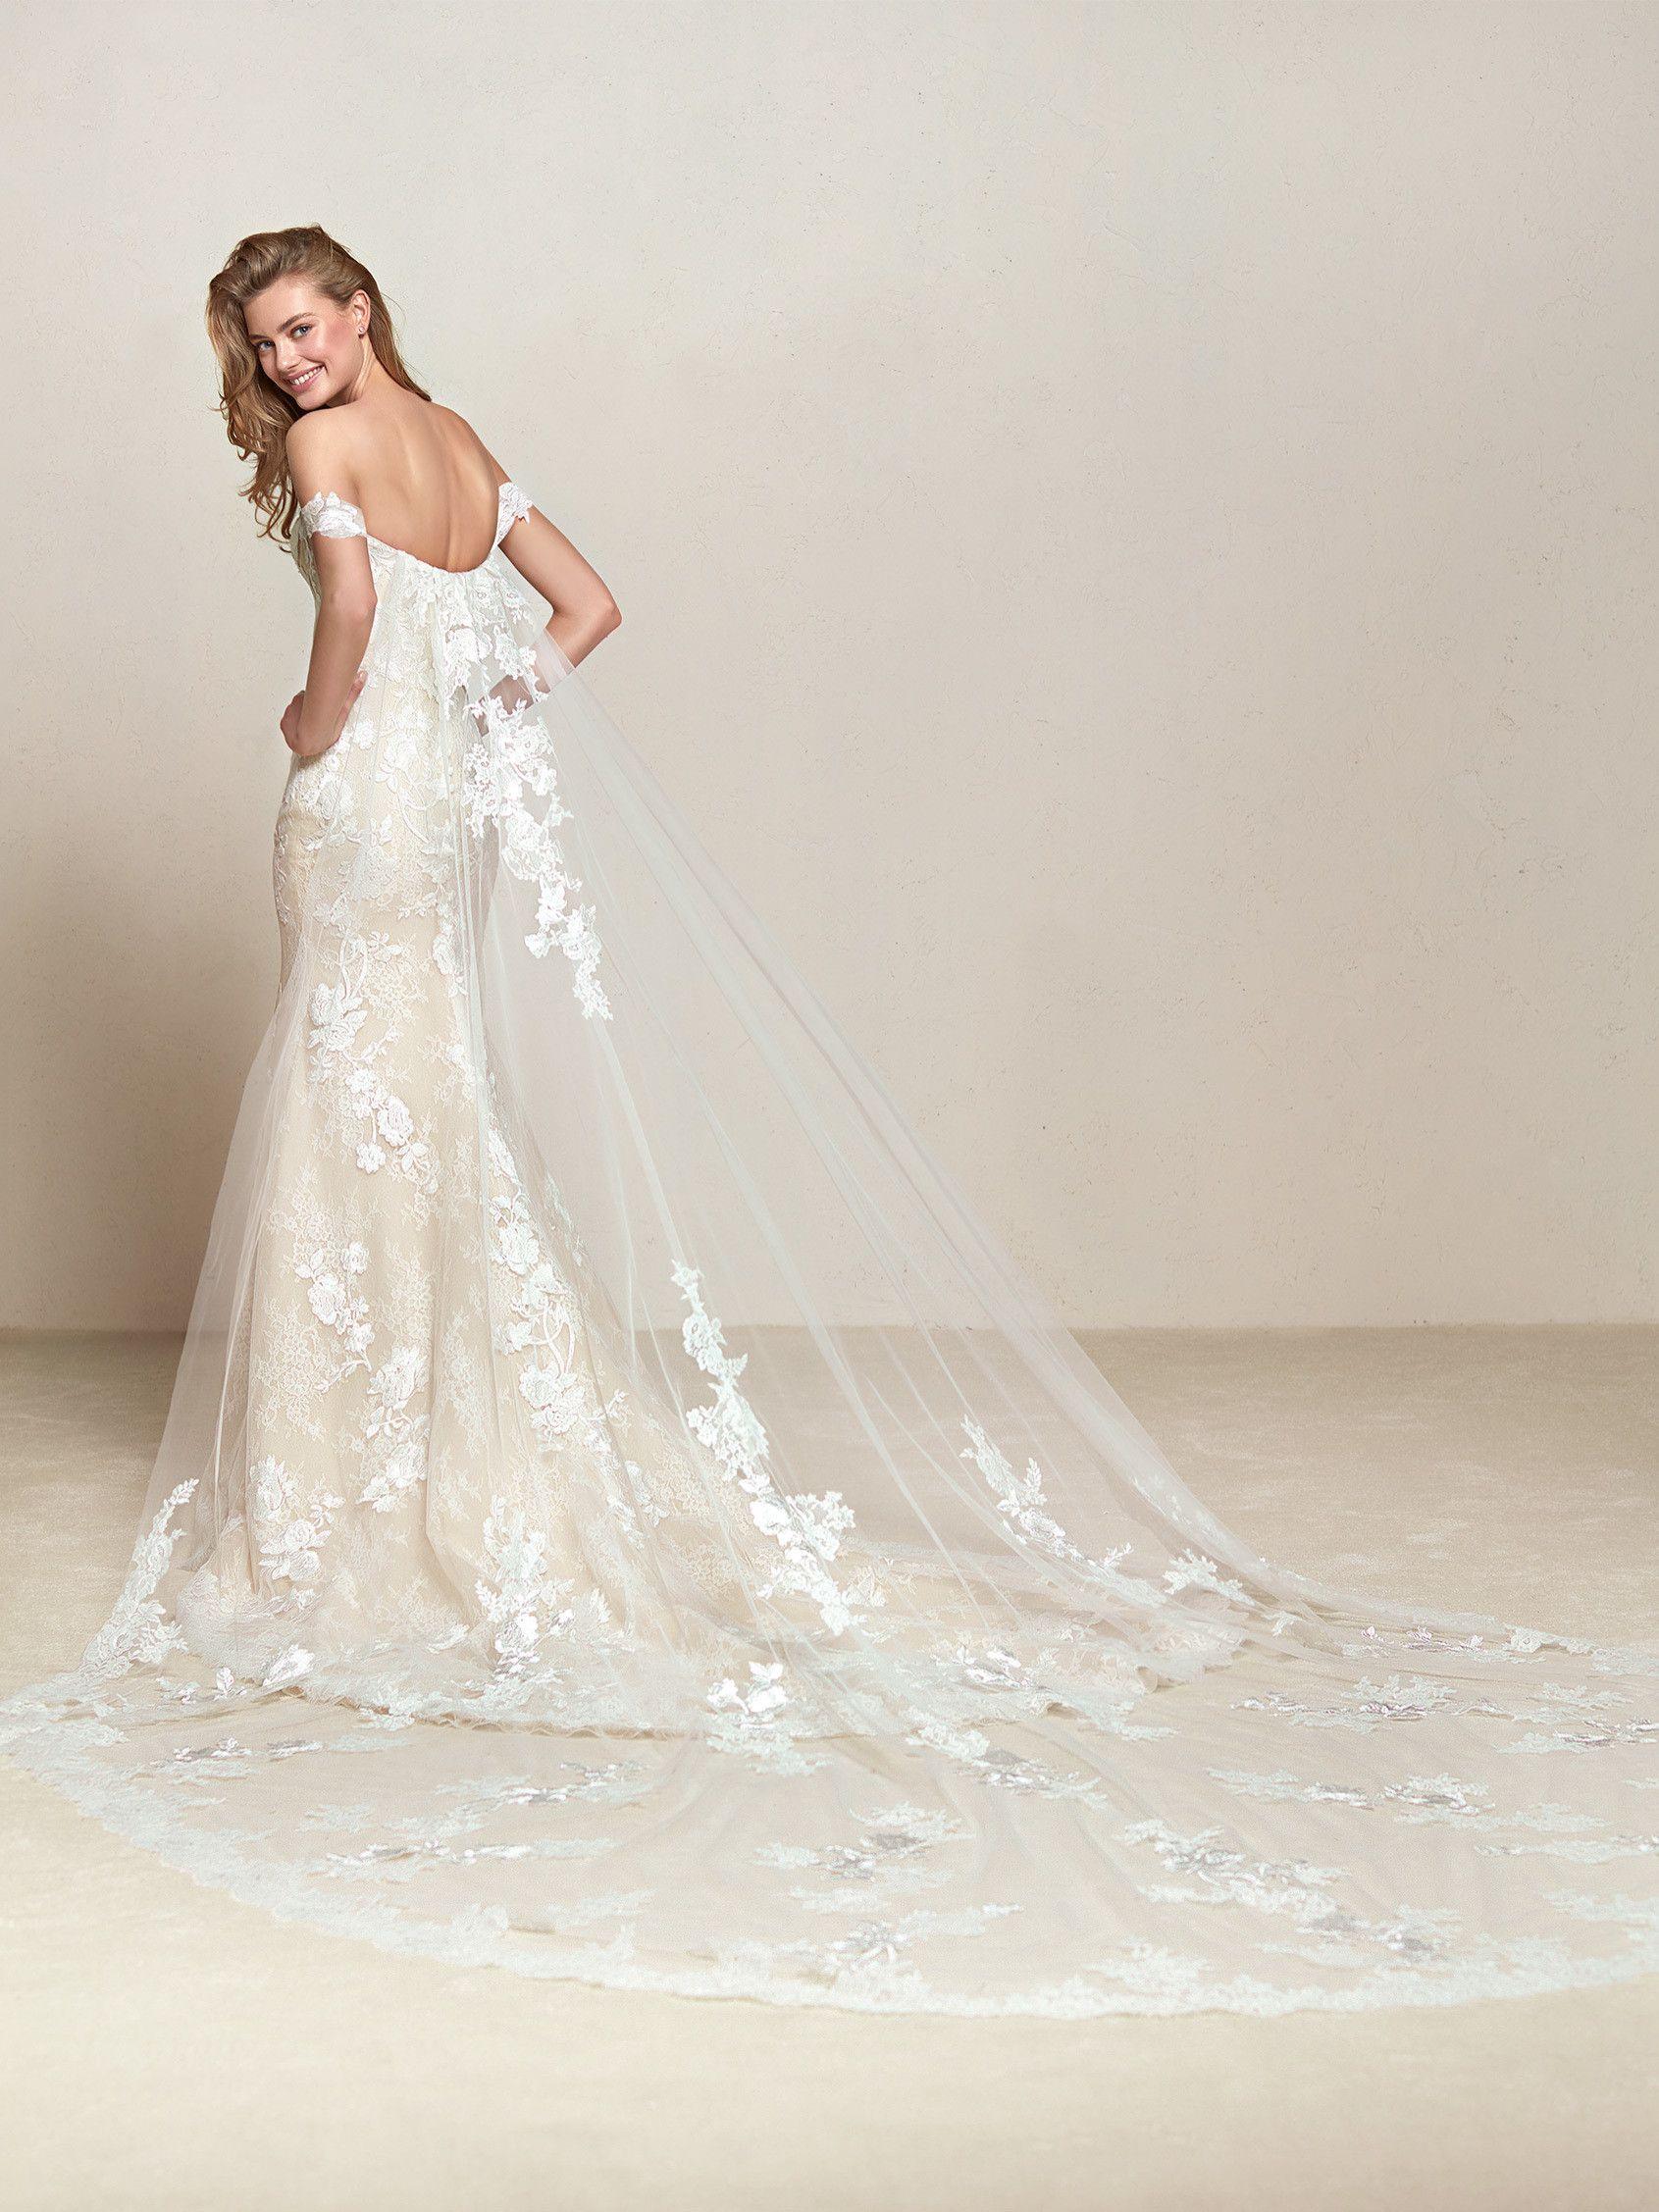 Robe de mariée manches courtes et dentelle déco mariage